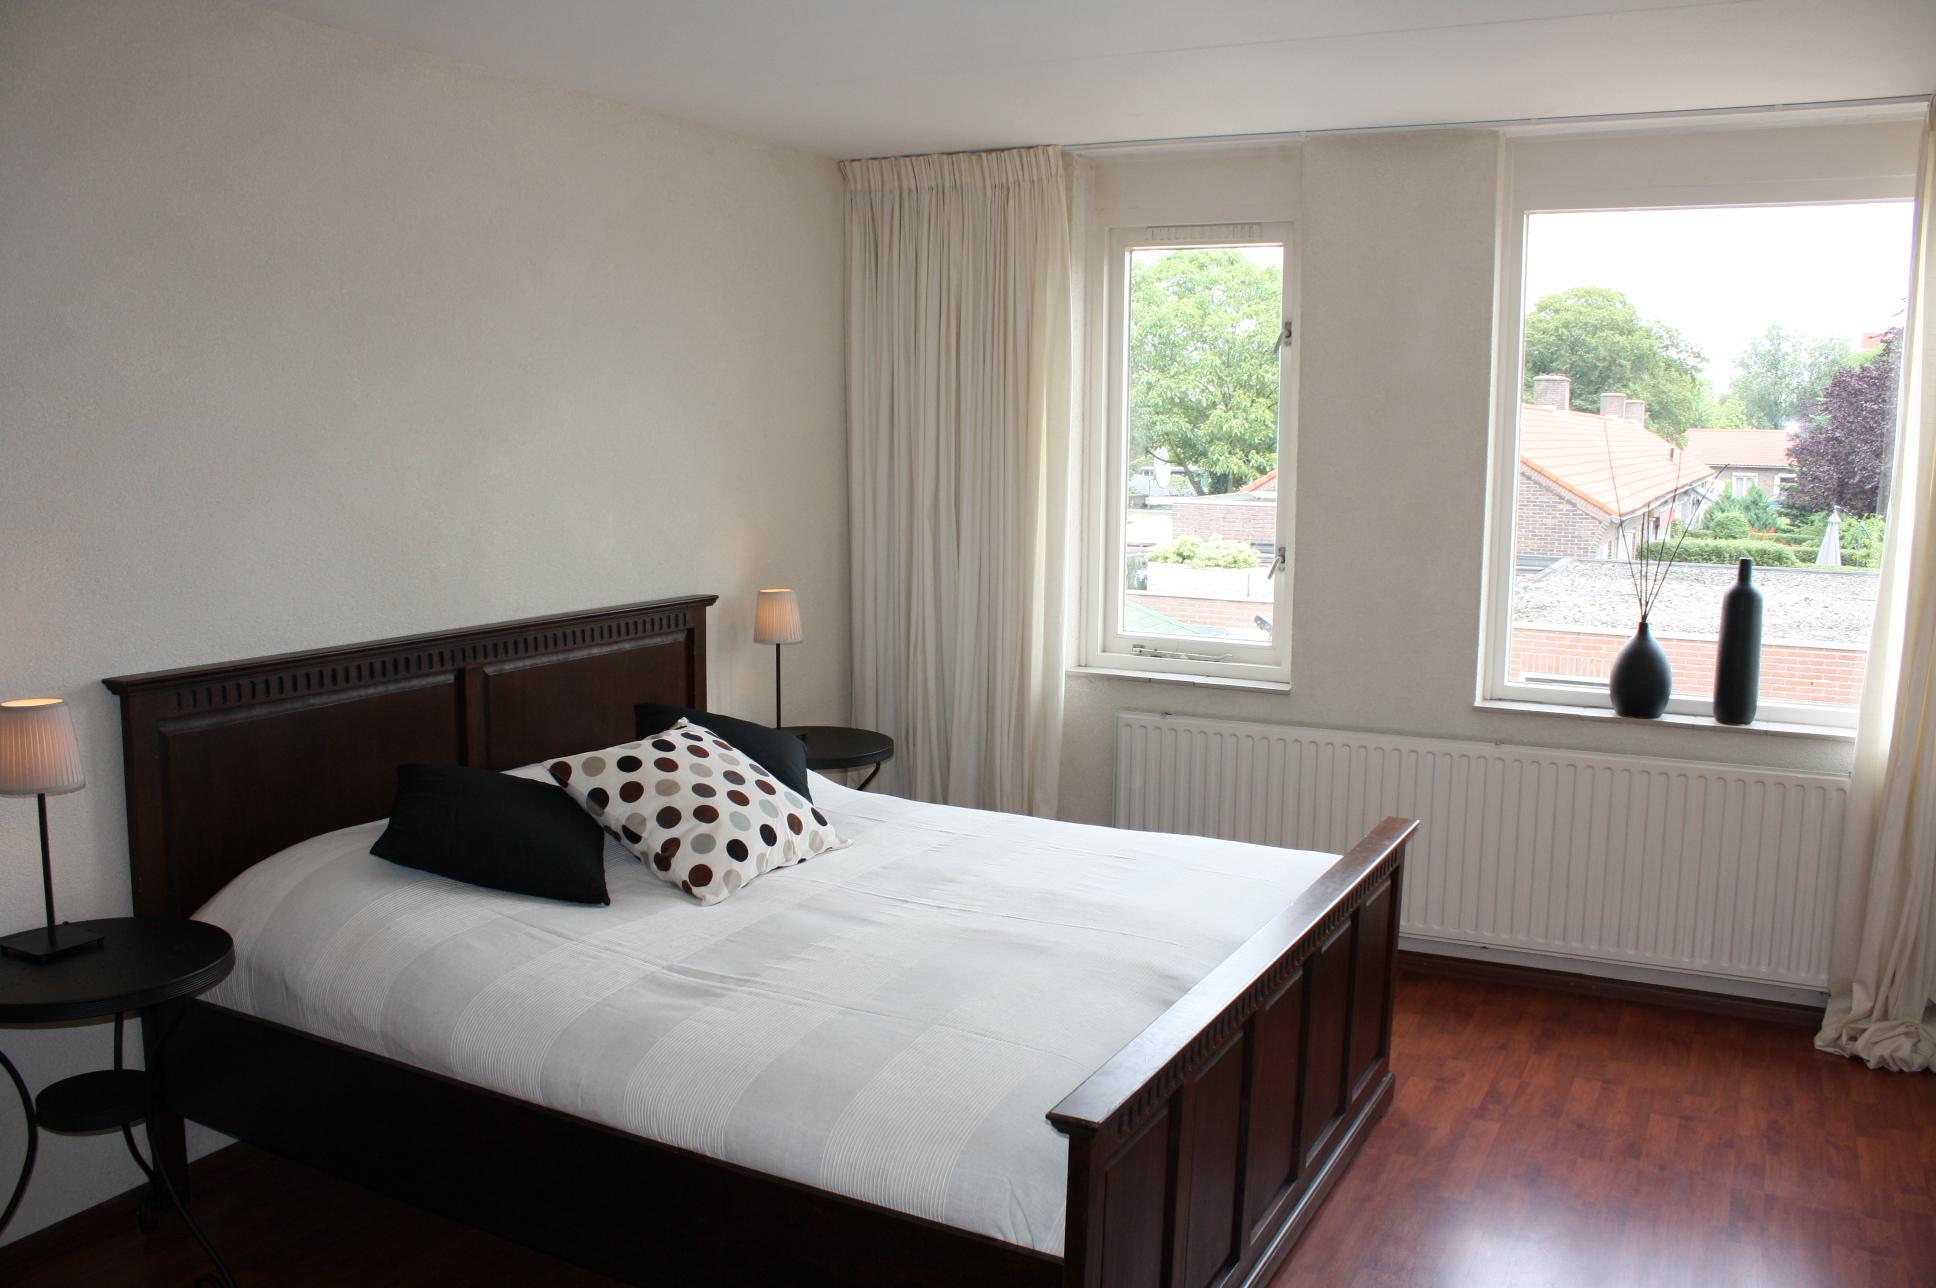 Fotos Slaapkamer Restylen : Huis verkopen slaapkamer klaarmaken voor verkoop makelaarsland